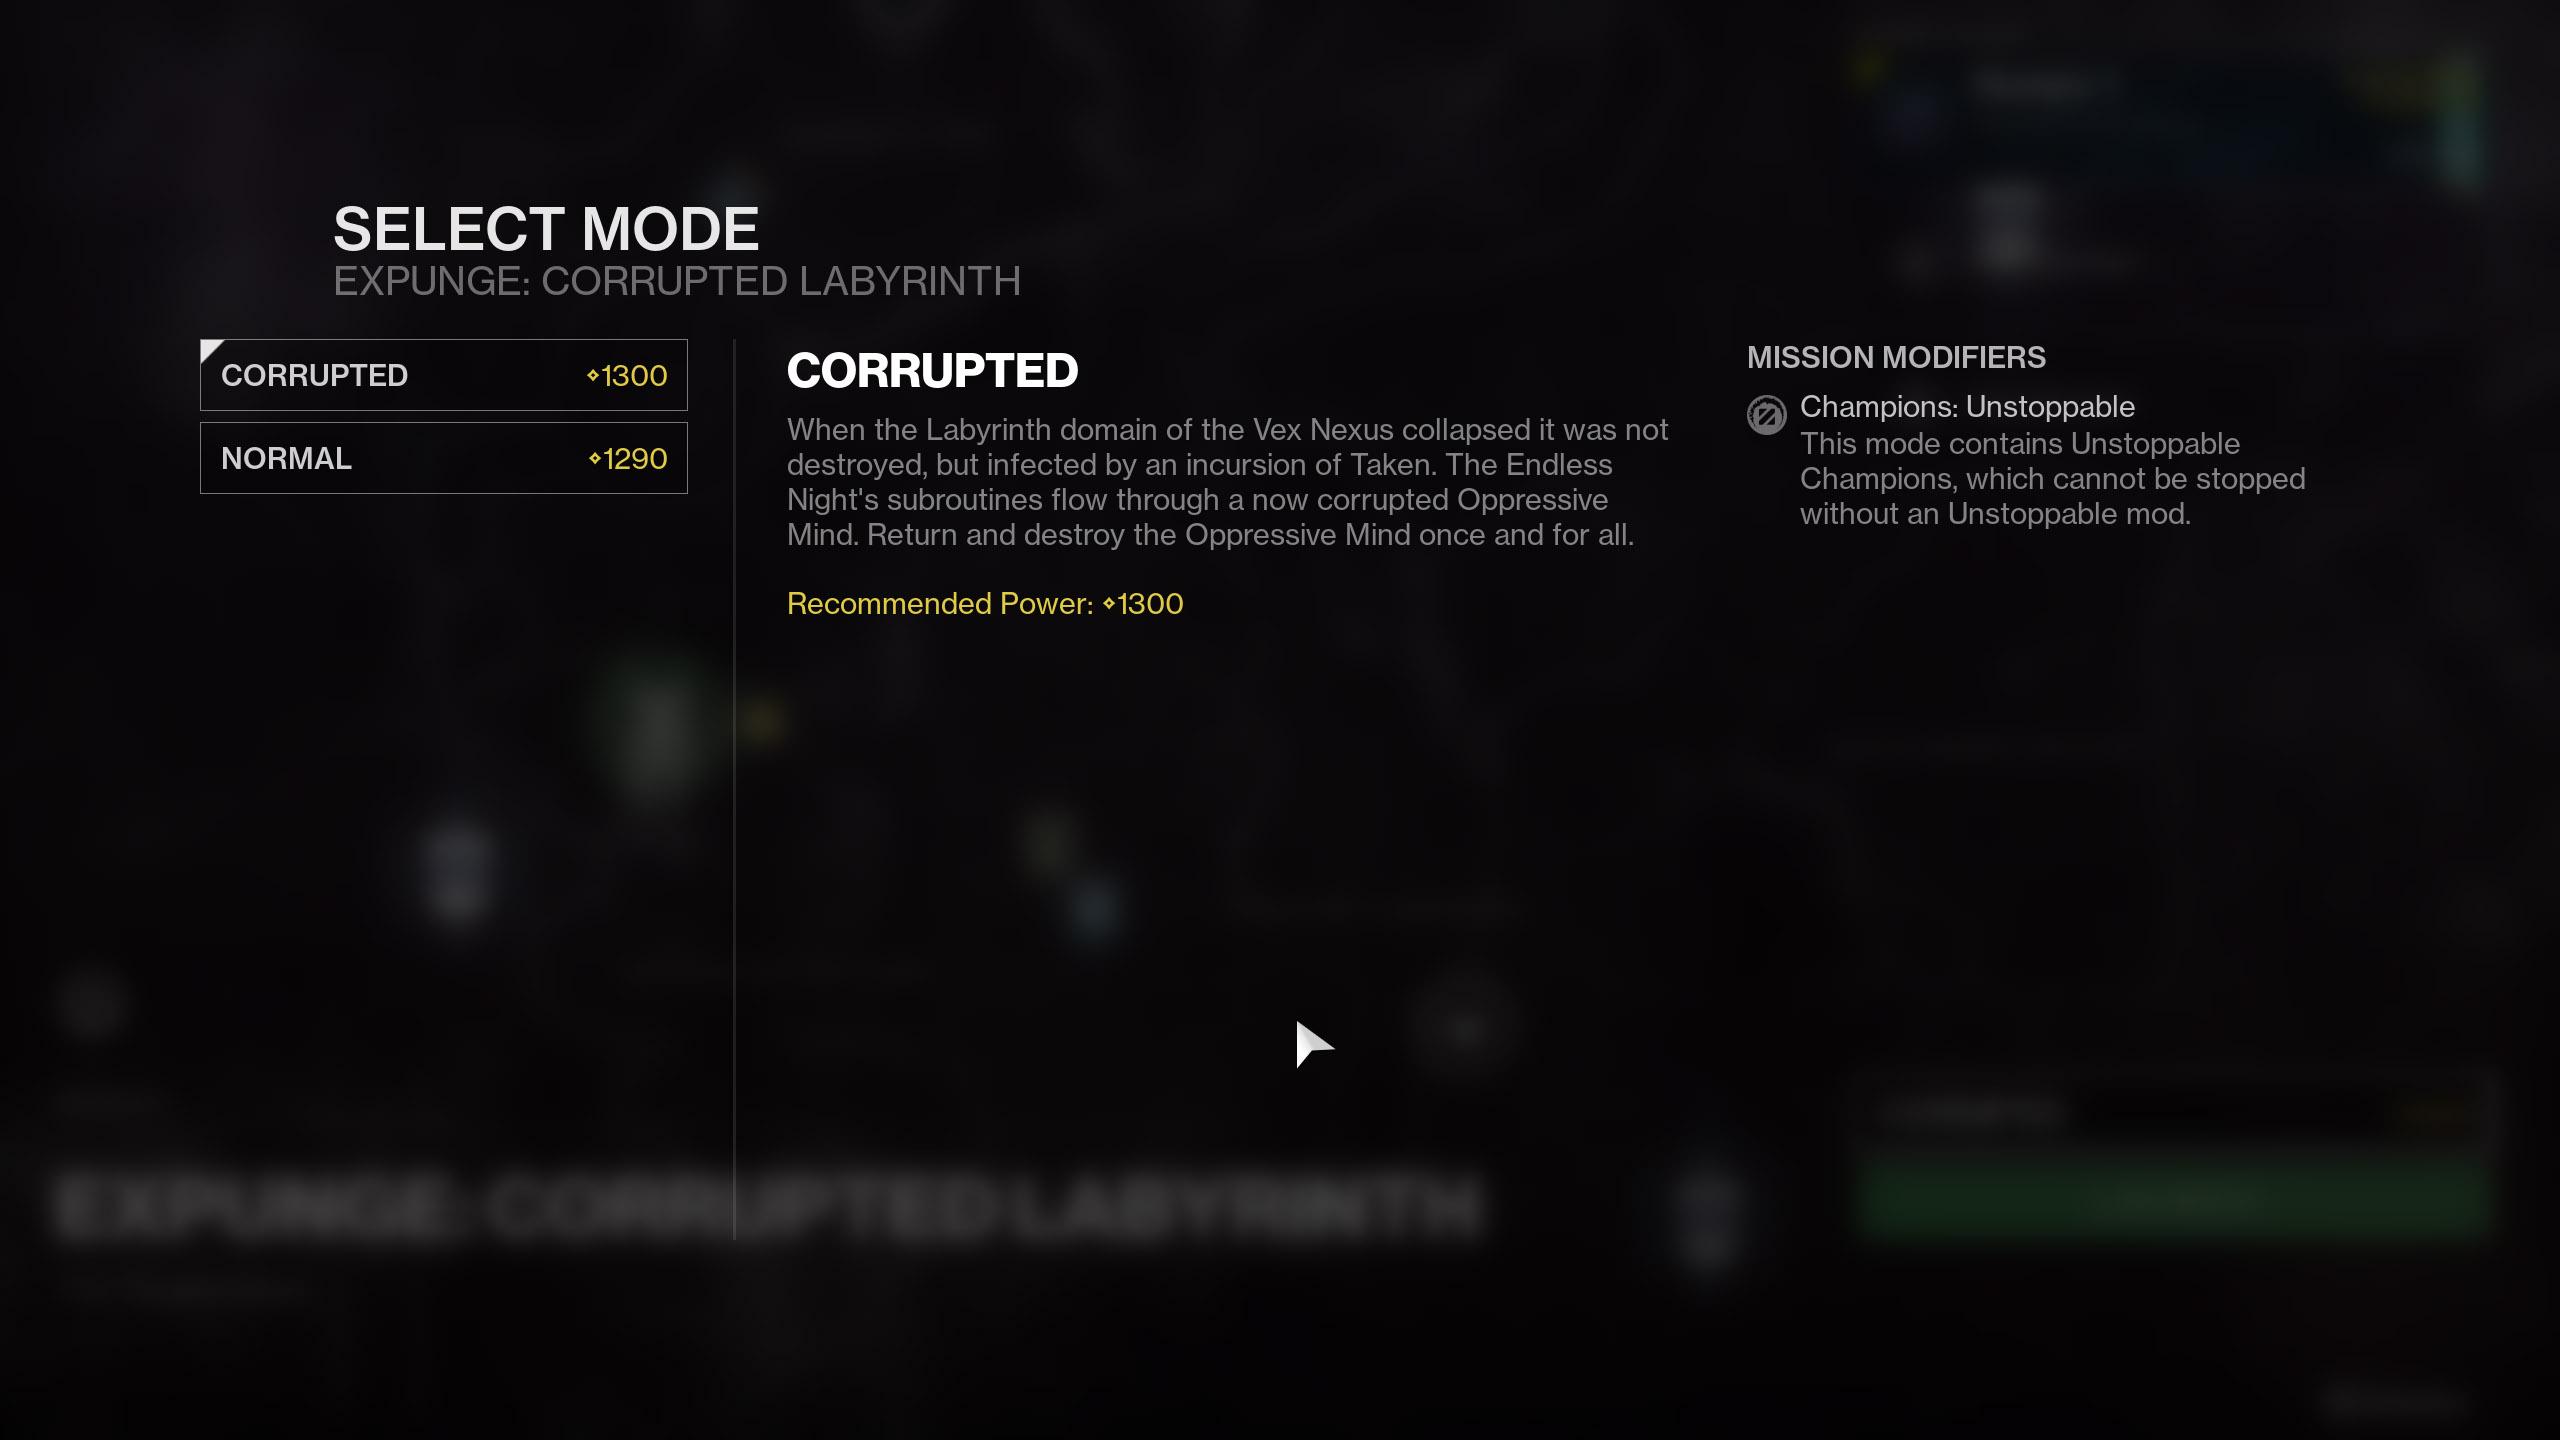 Corrupted Expunge Destiny 2